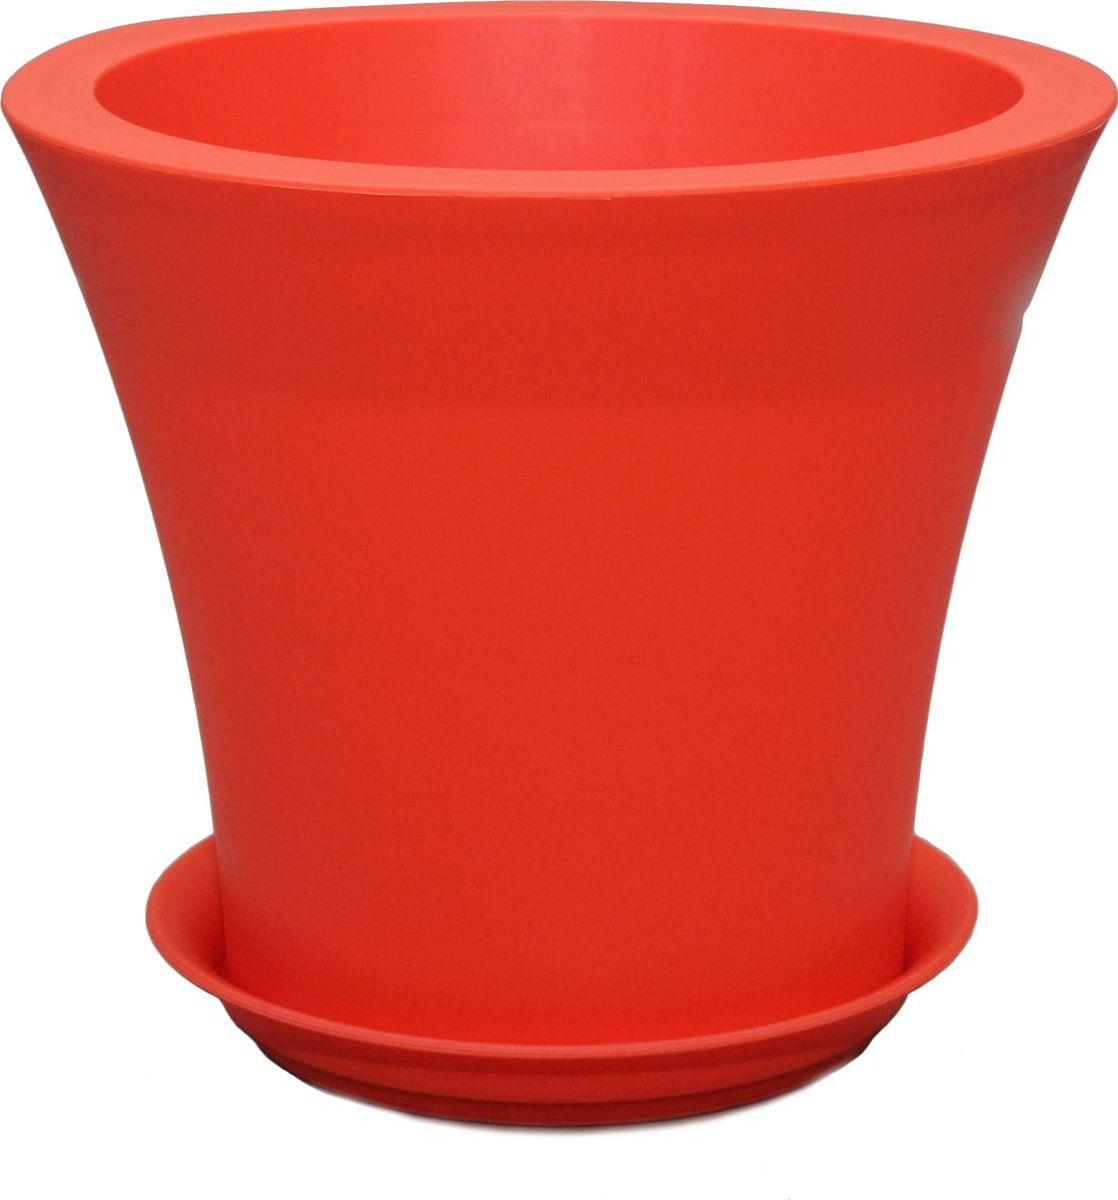 Горшок для цветов Plast Avenue Твист, с поддоном, цвет: оранжевый, диаметр 20 см велосипед kellys avenue 70 2018